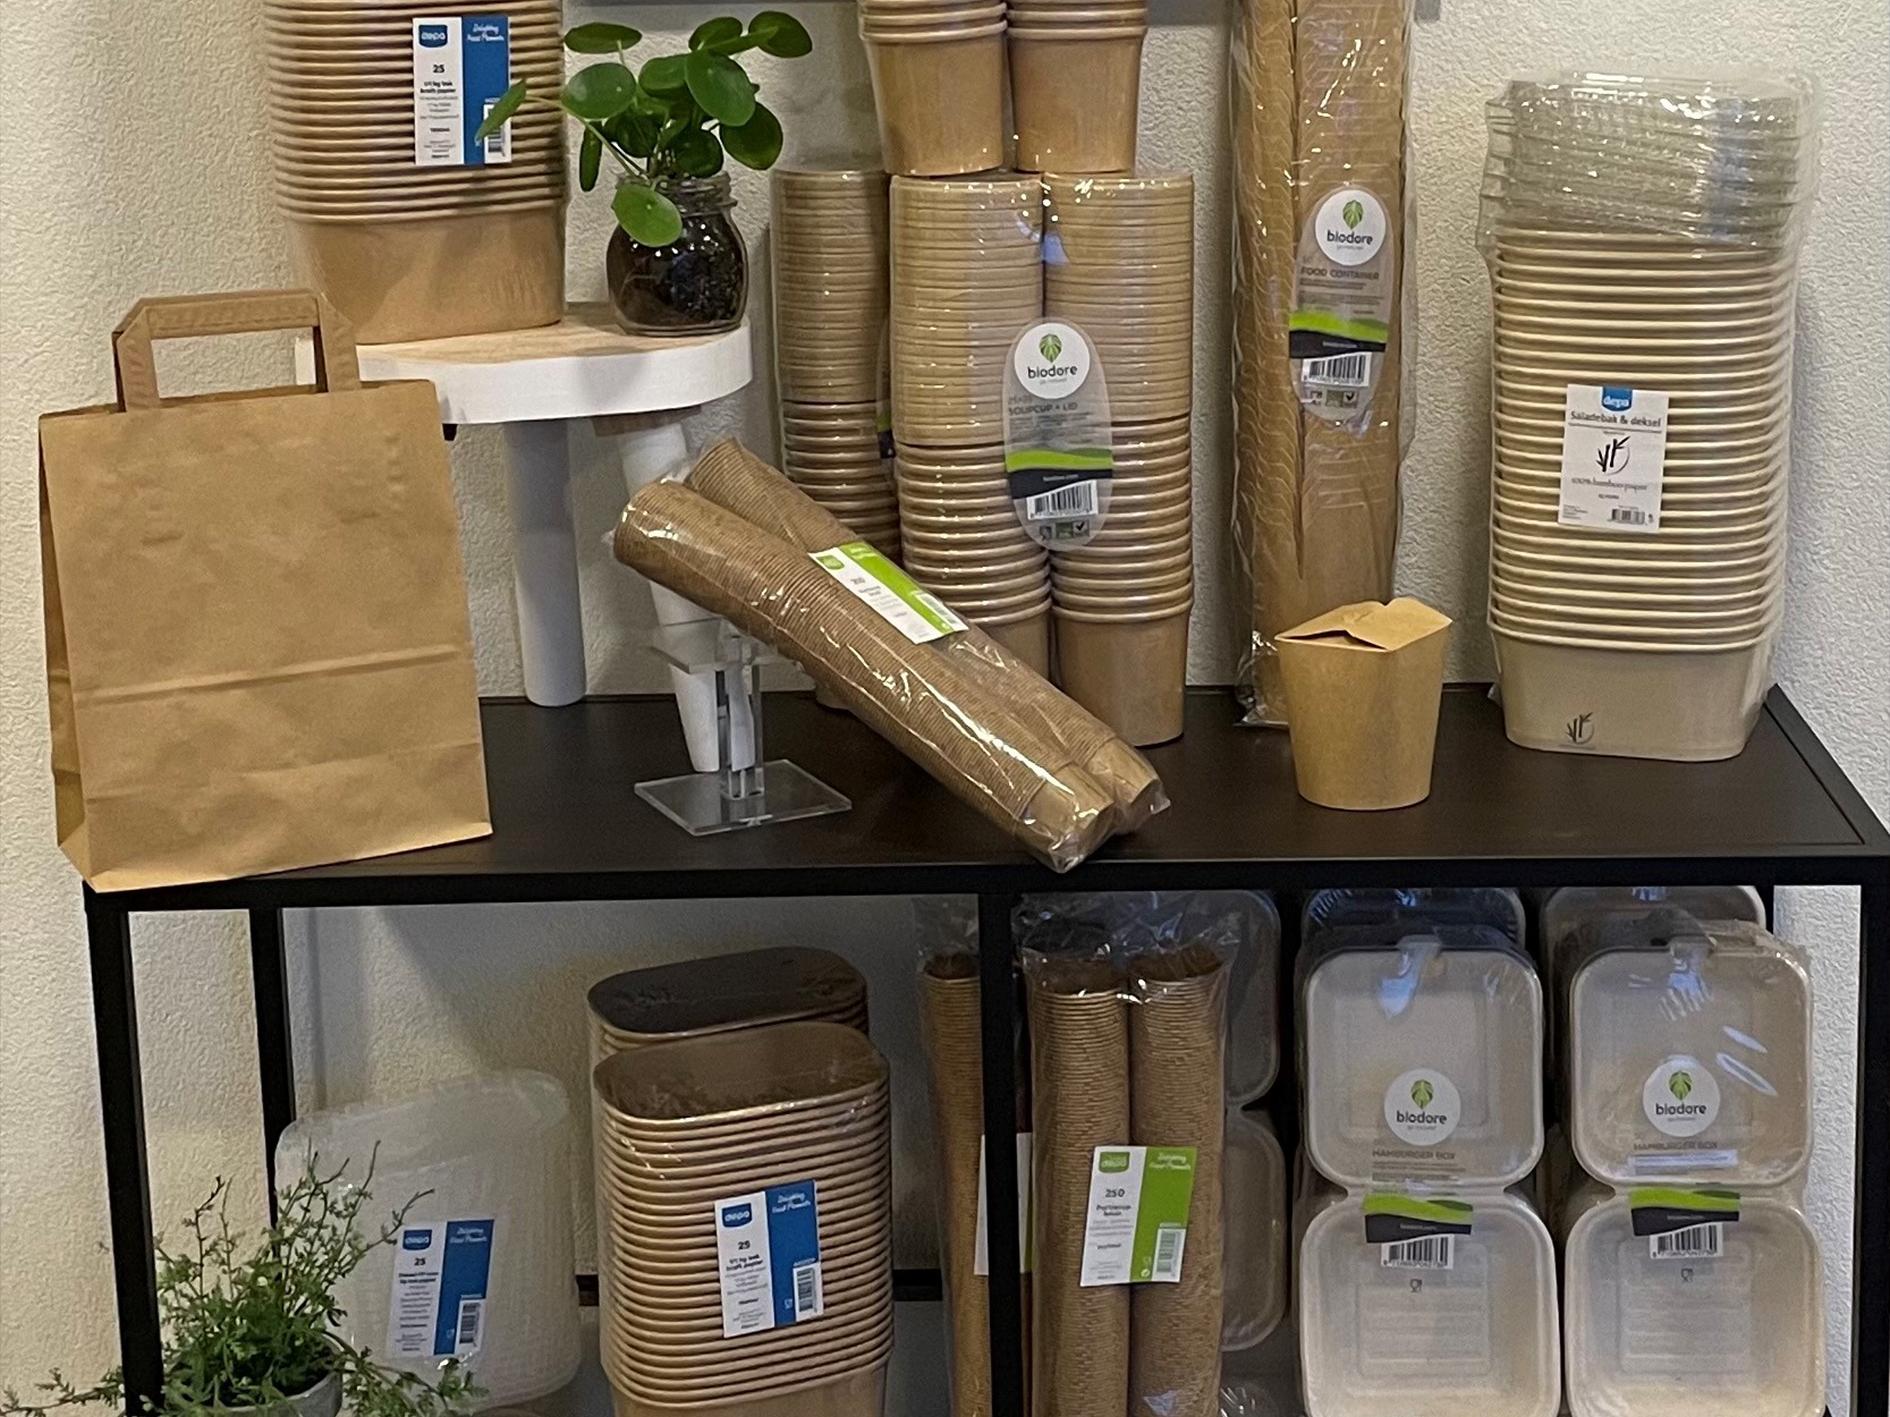 Duurzame verpakkingsmaterialen